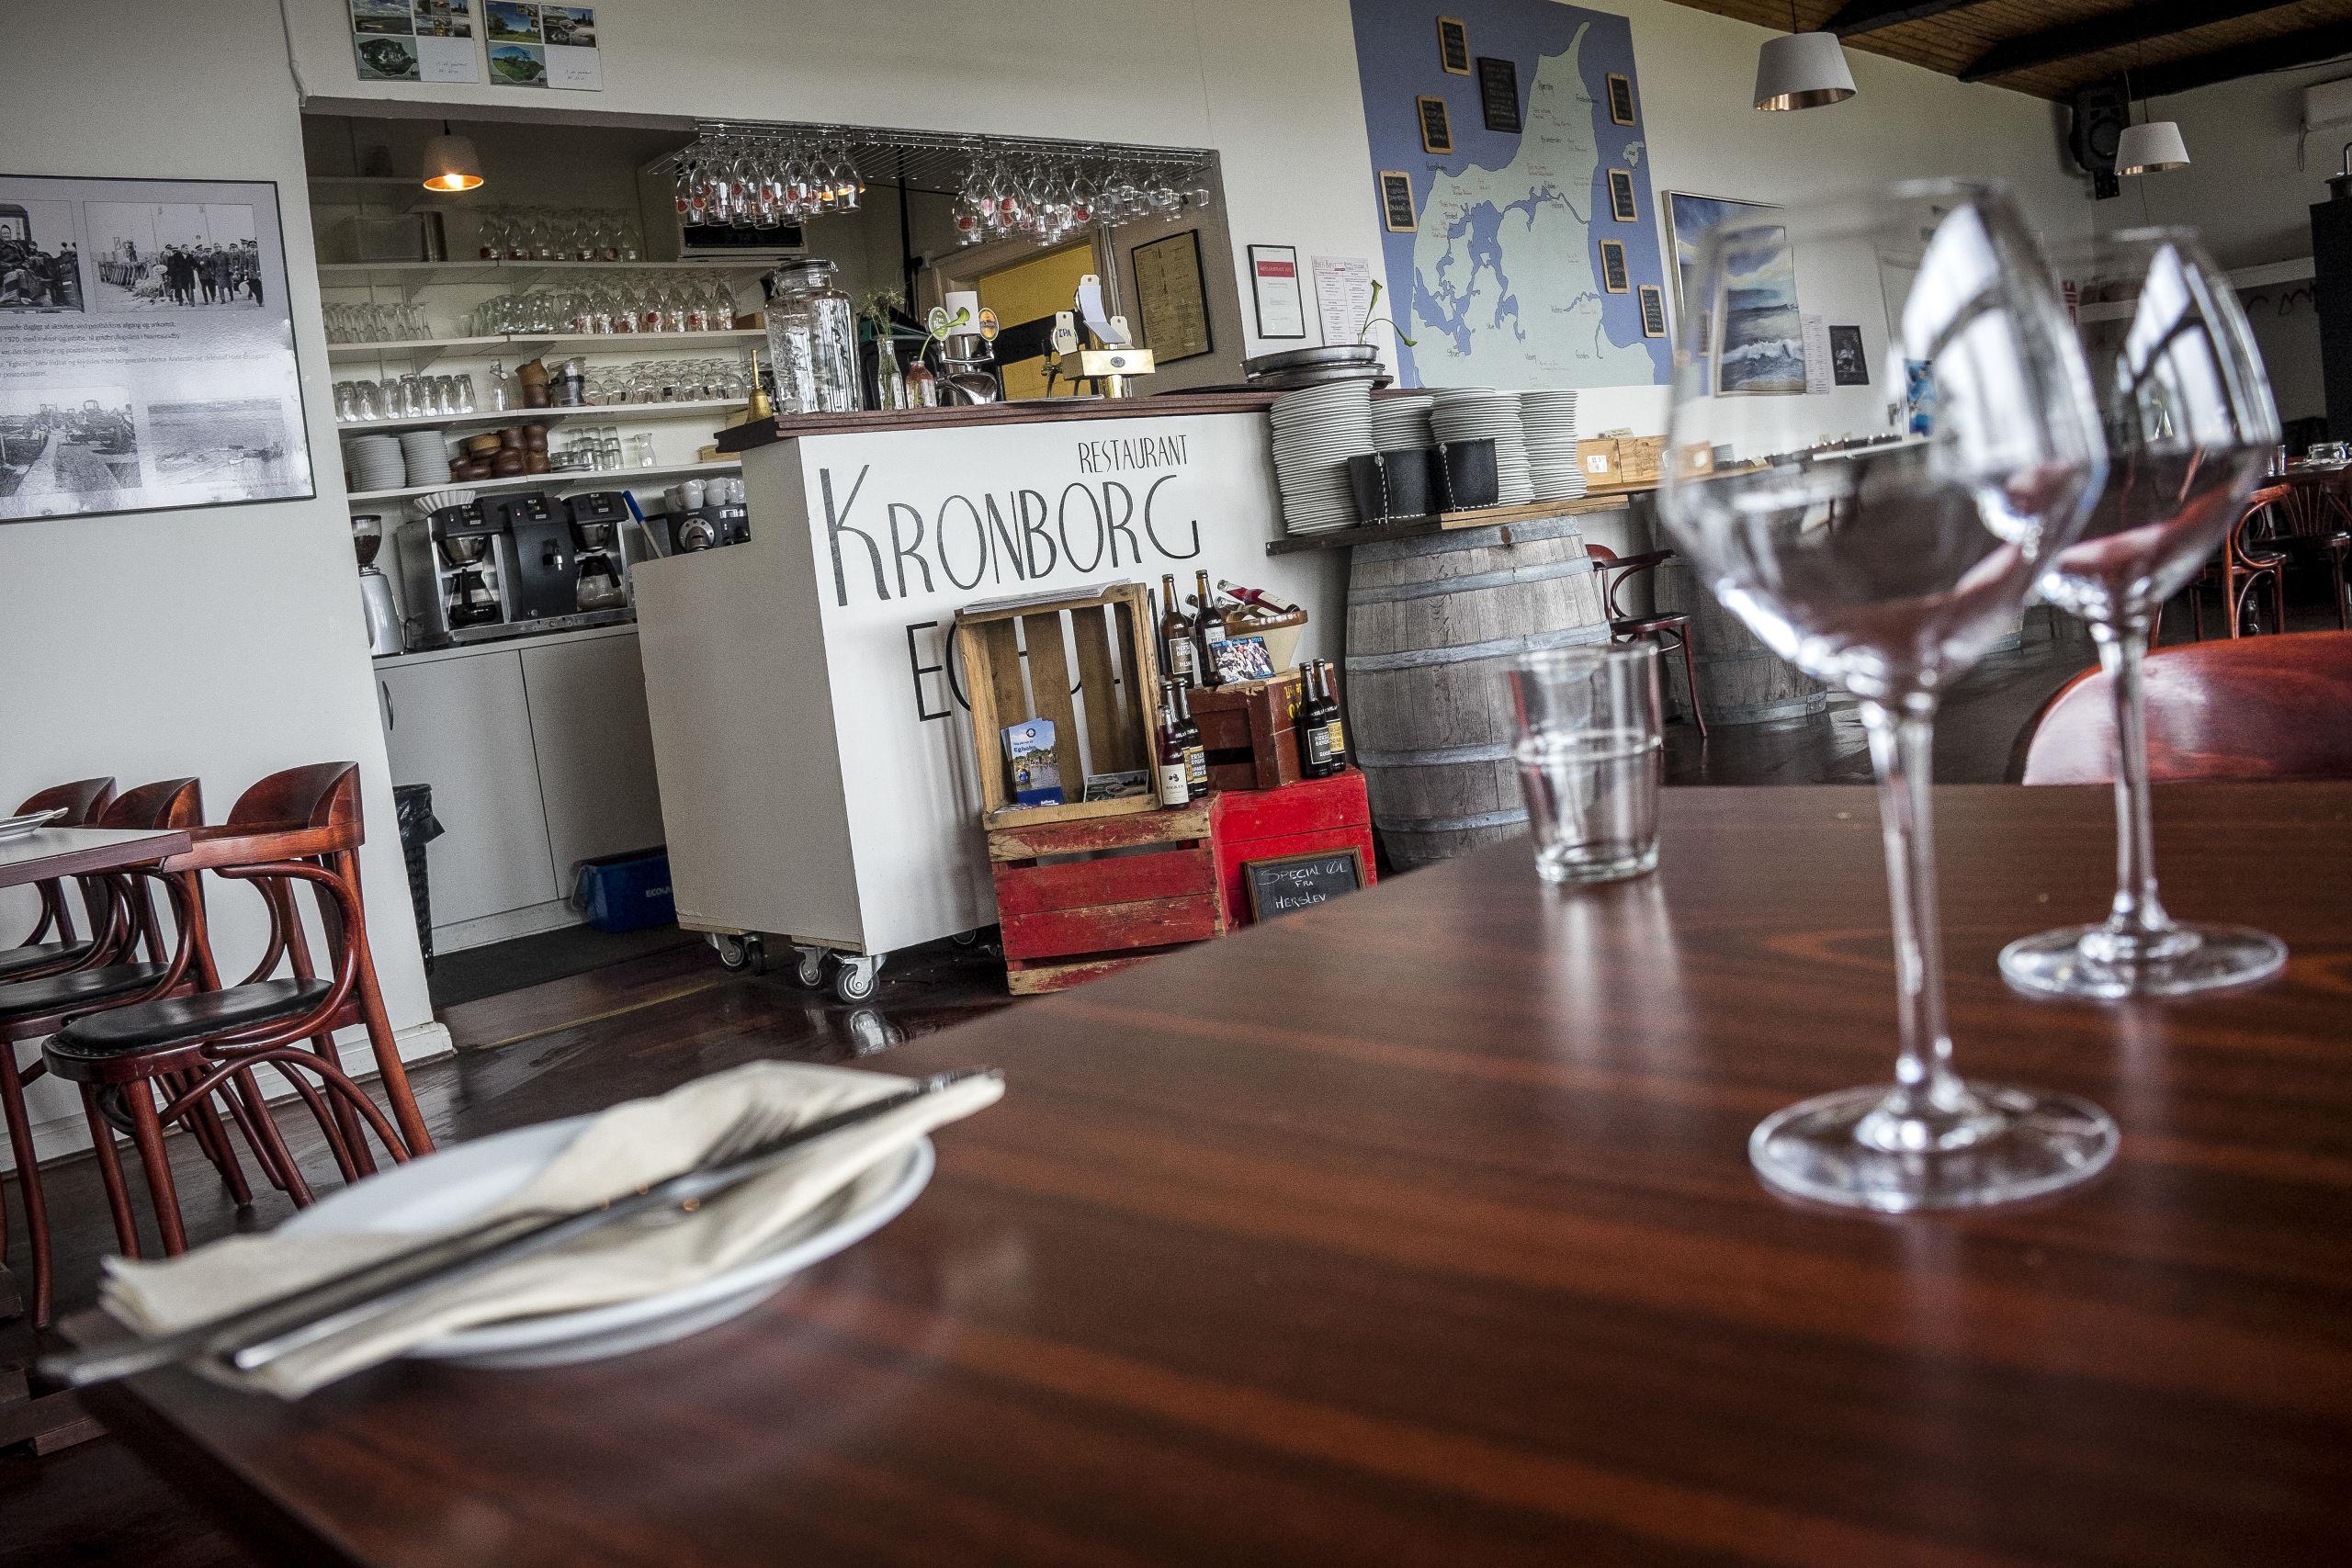 Gå en tur på Egholm og spis en dejlig frokost på Restaurant Kronborg. Foto: Martin Damgård